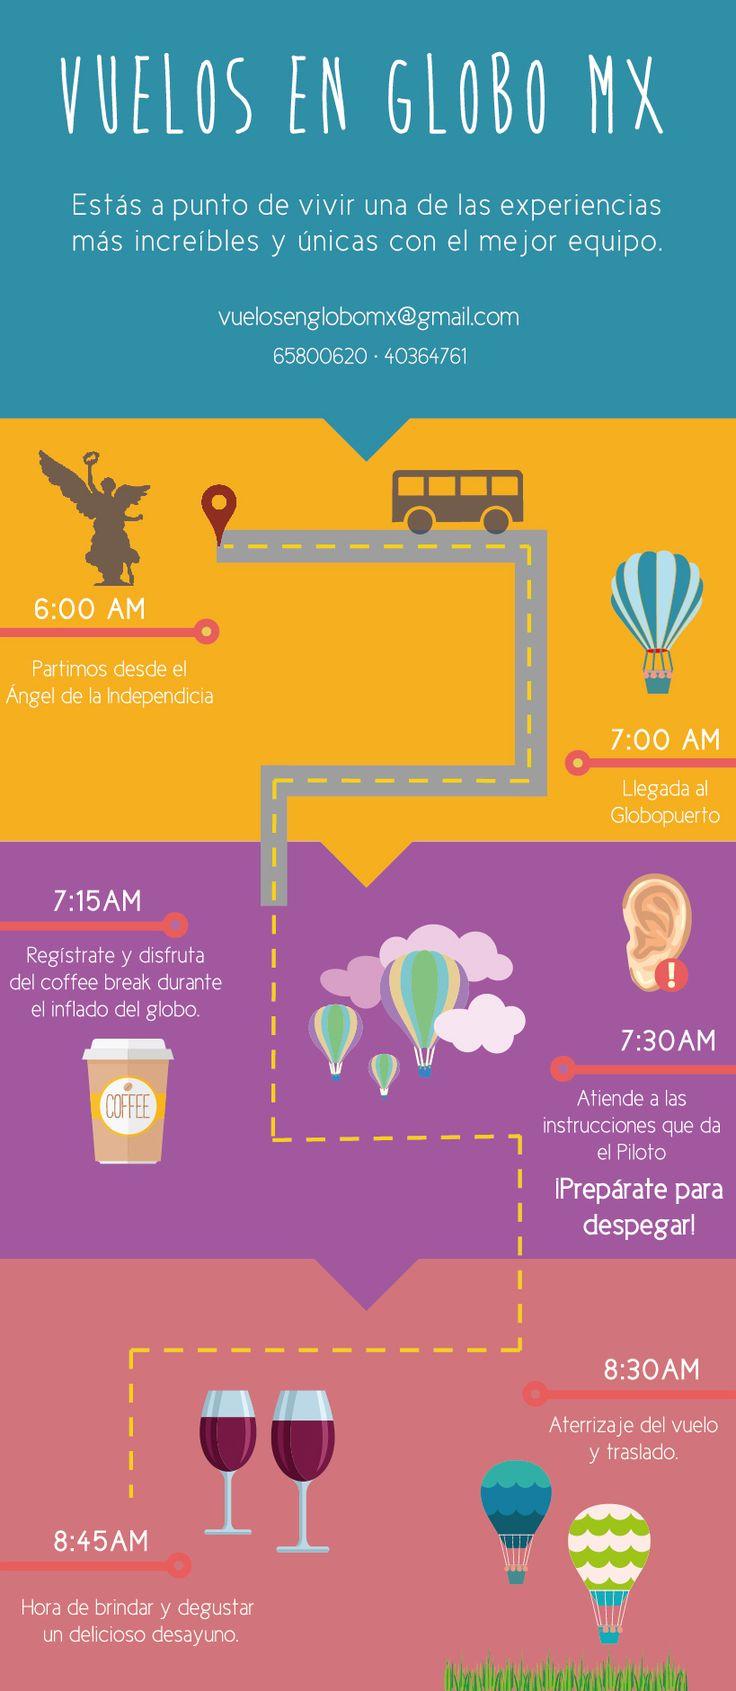 El mejor vuelo en globo. Contrata el paquete con trasporte incluido desde la CDMX al Globopuerto. #Paisajes #Piramides #hotairballoons #México Vuelos En Globo Aerostático. Reservaciones Tel: 65800620 WhatsApp: 5540364761 Email: vuelosenglobo@gmail.com